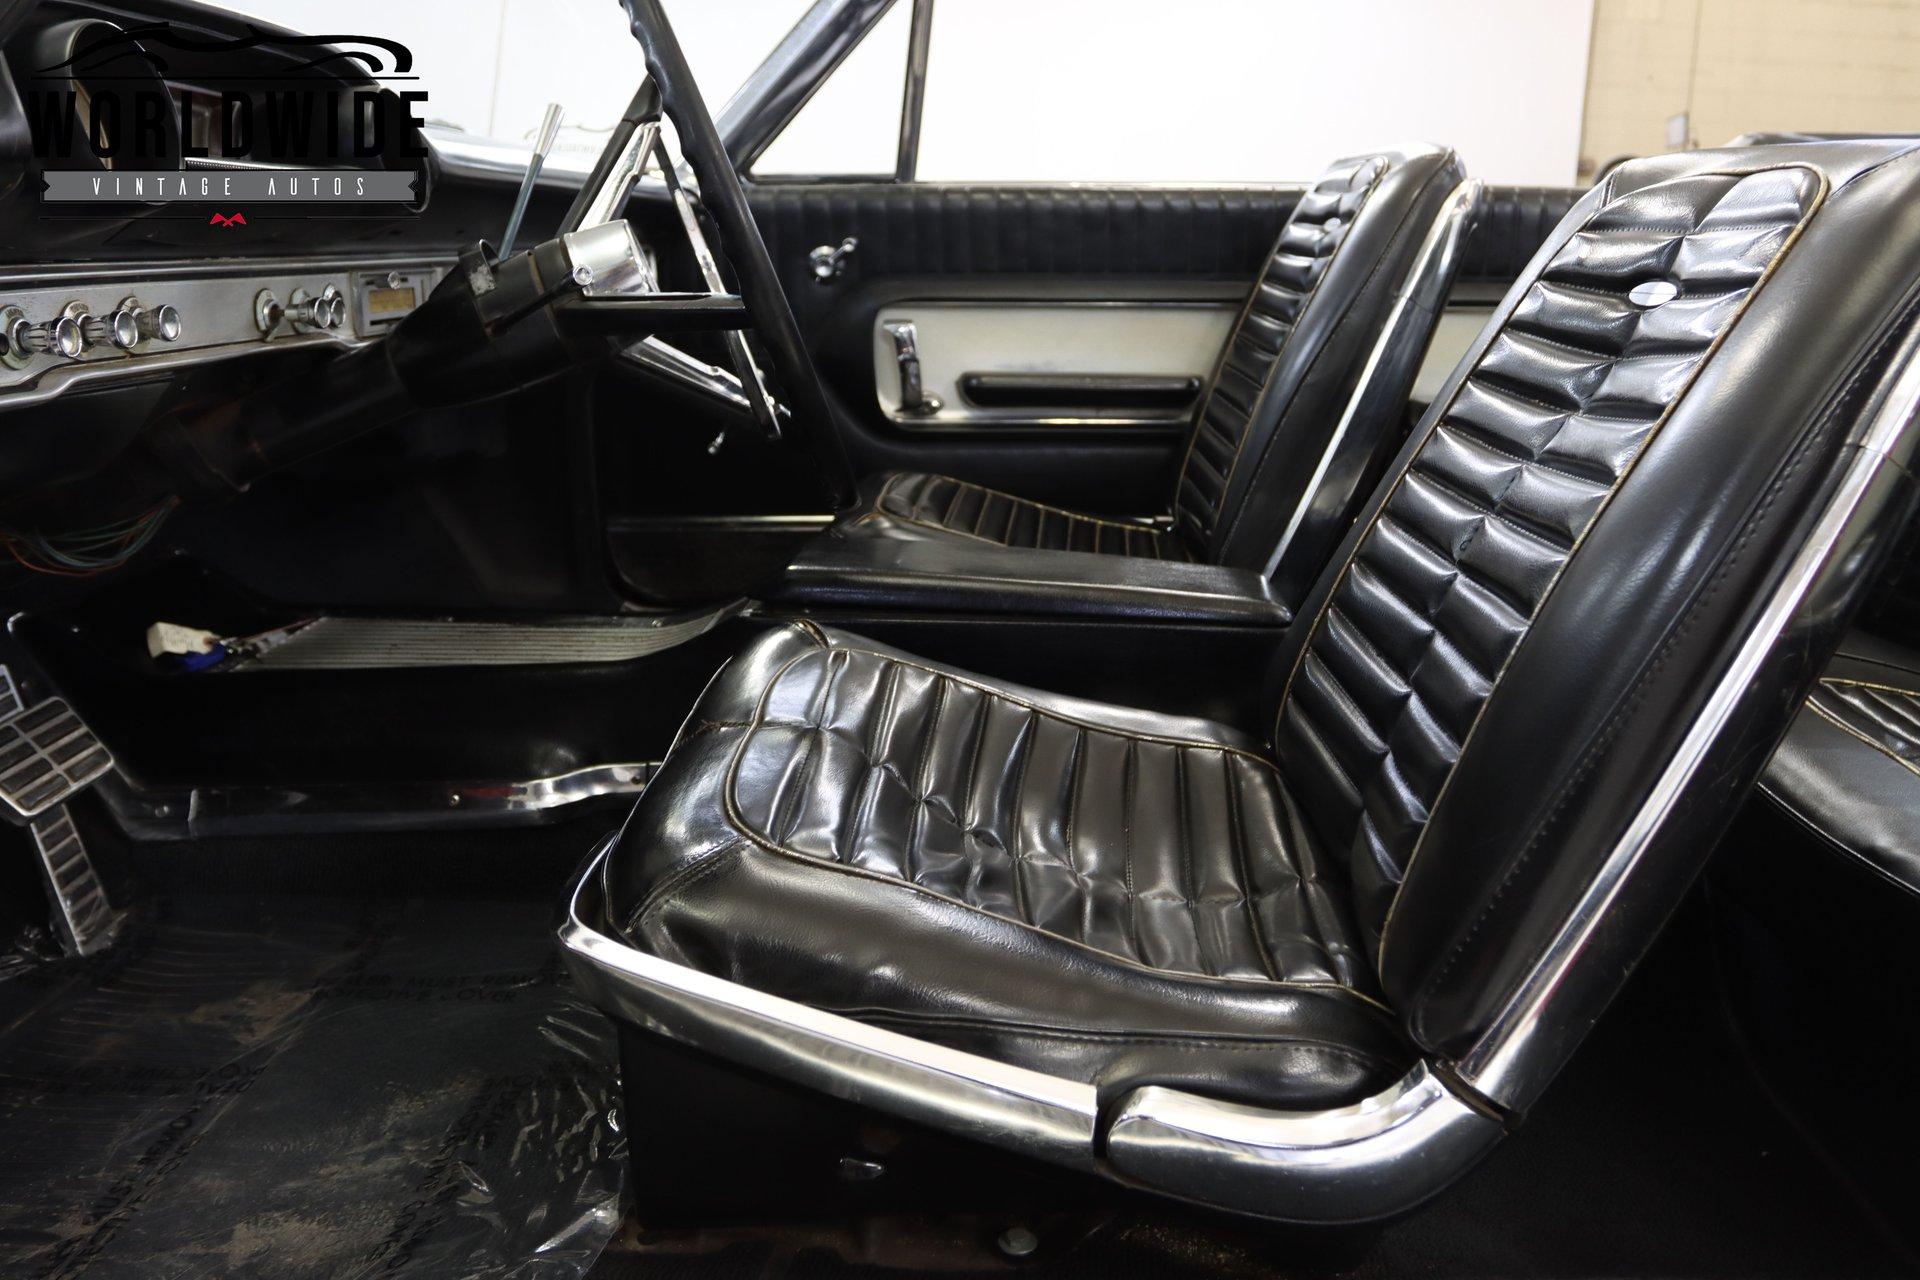 1964 Ford Galaxie 500 Xl Convertible